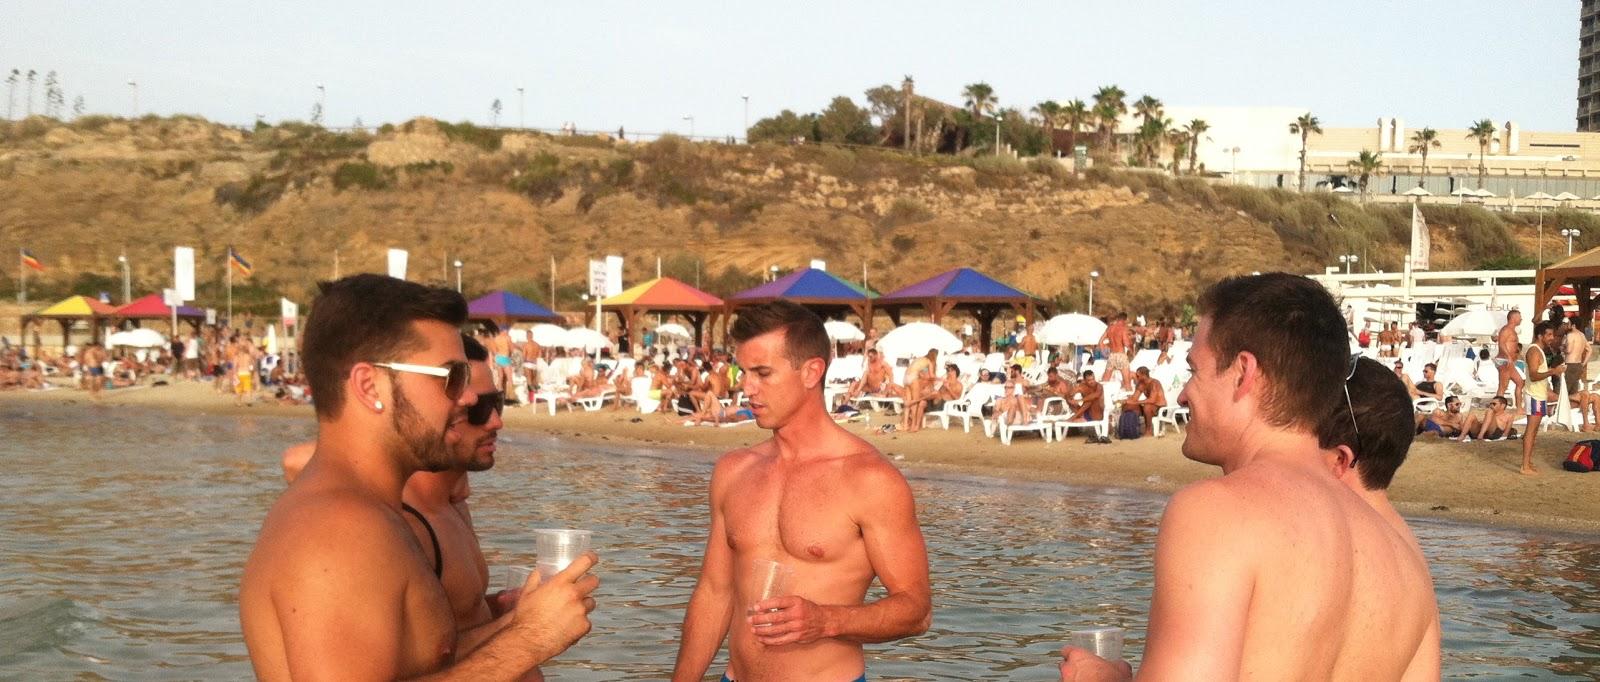 Small tiny tits beach naked